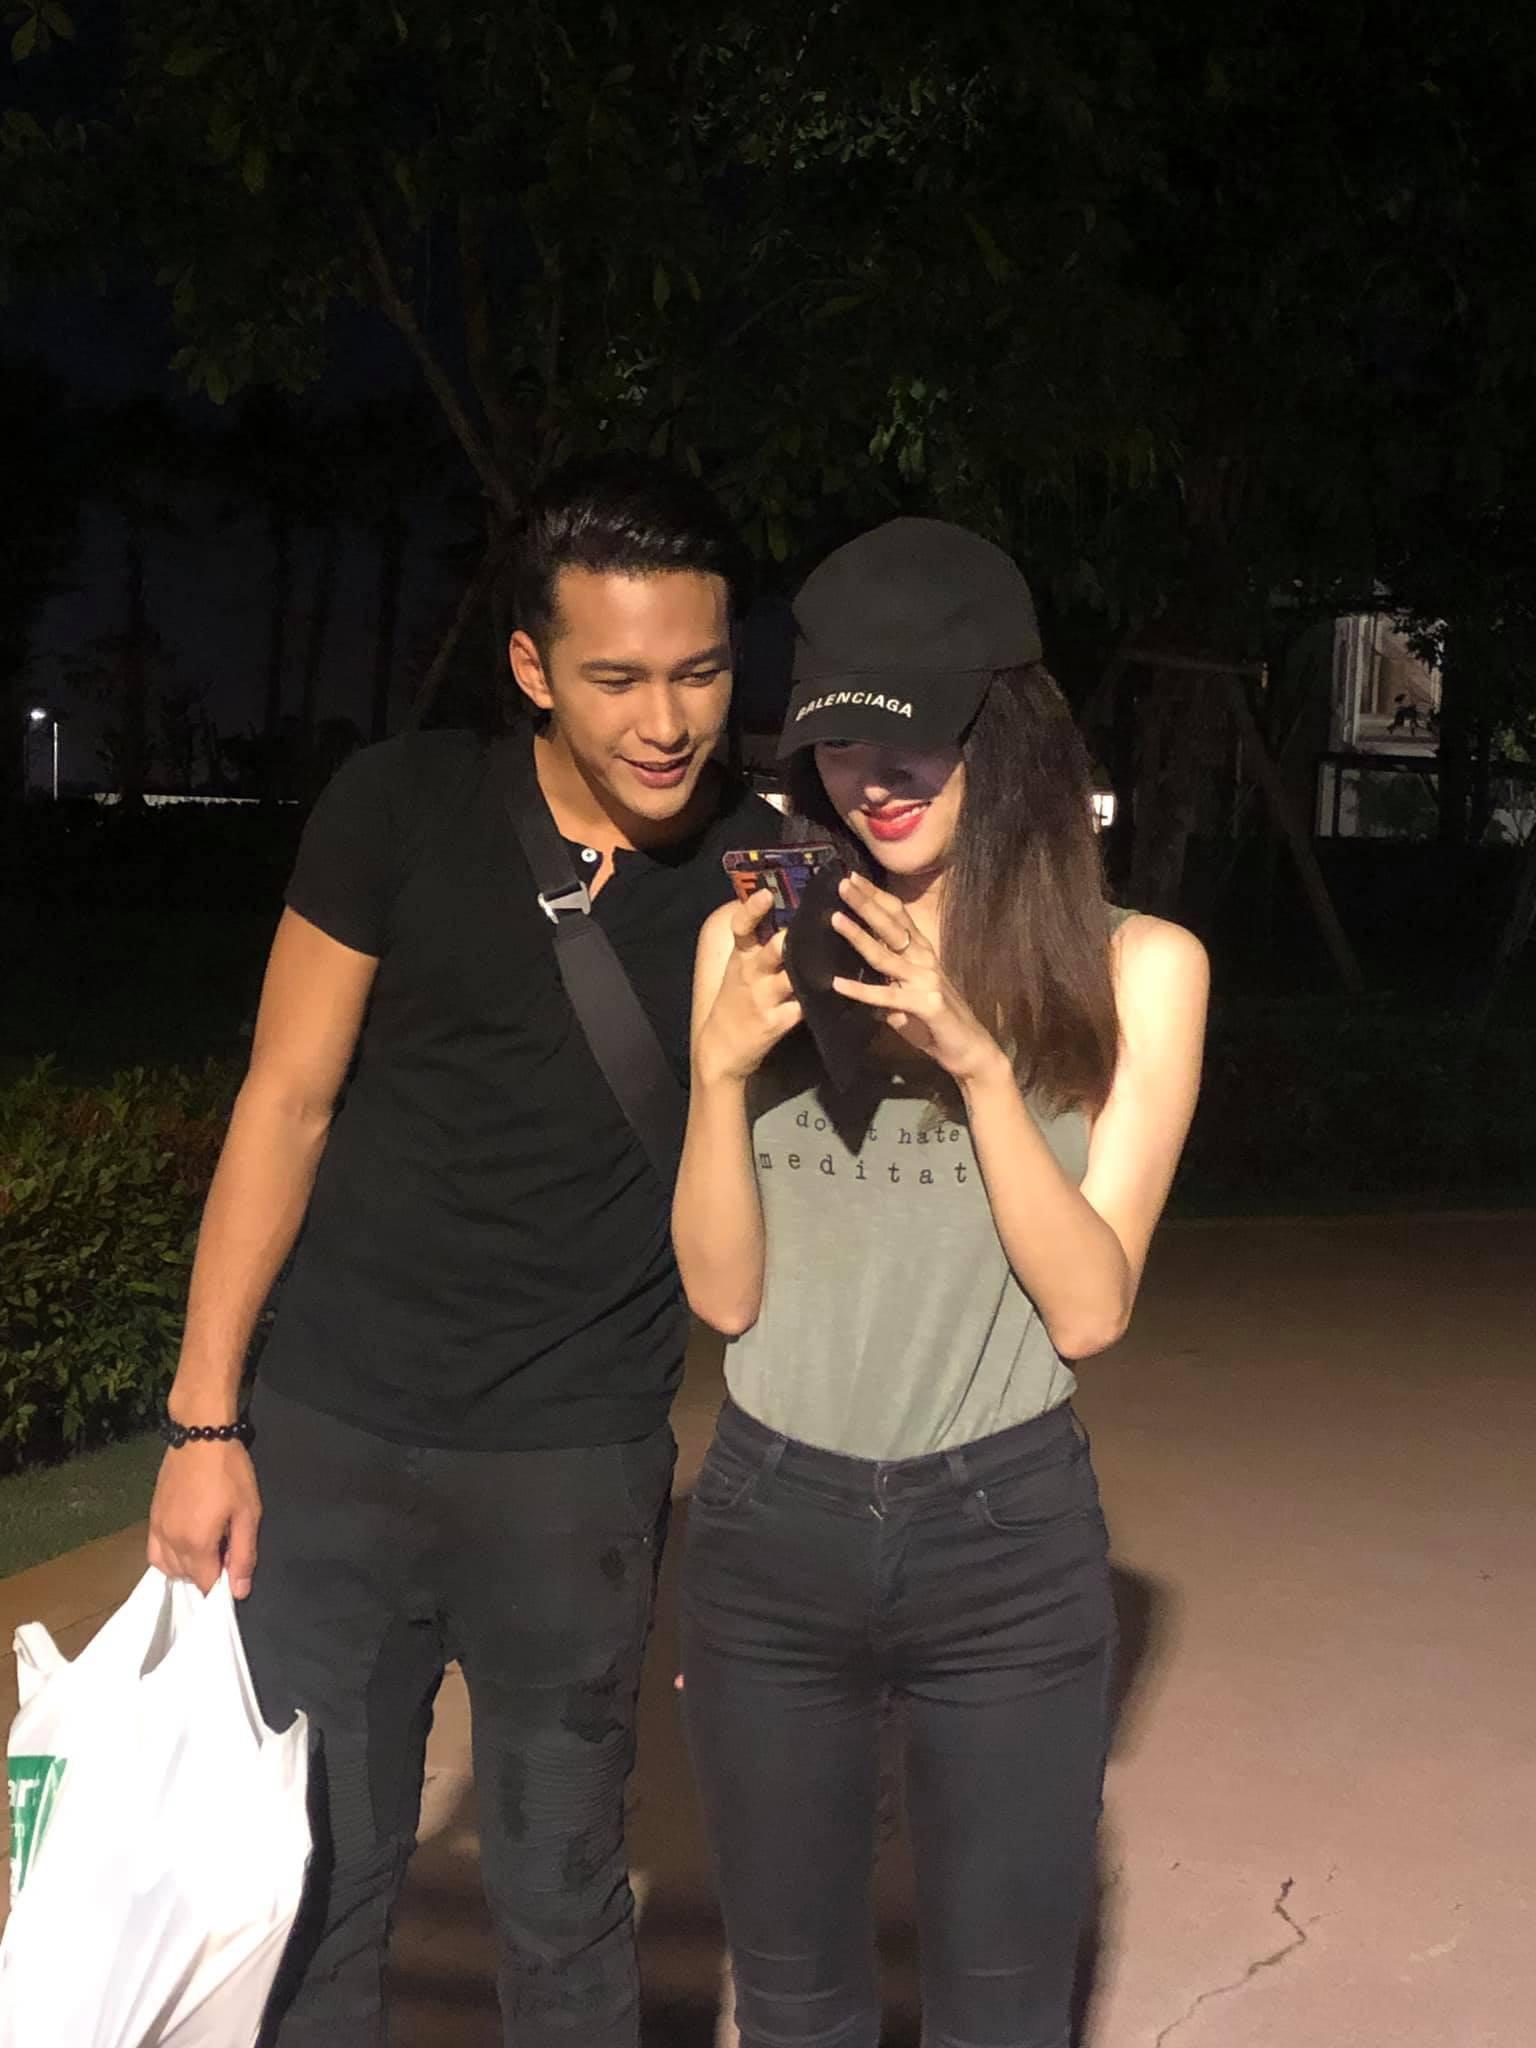 Phillip thân thiết đi chơi cùng Hương Giang sau màn xuất hiện chớp nhoáng trong MV mới khiến dân mạng nhiệt tình ghép đôi - Ảnh 1.